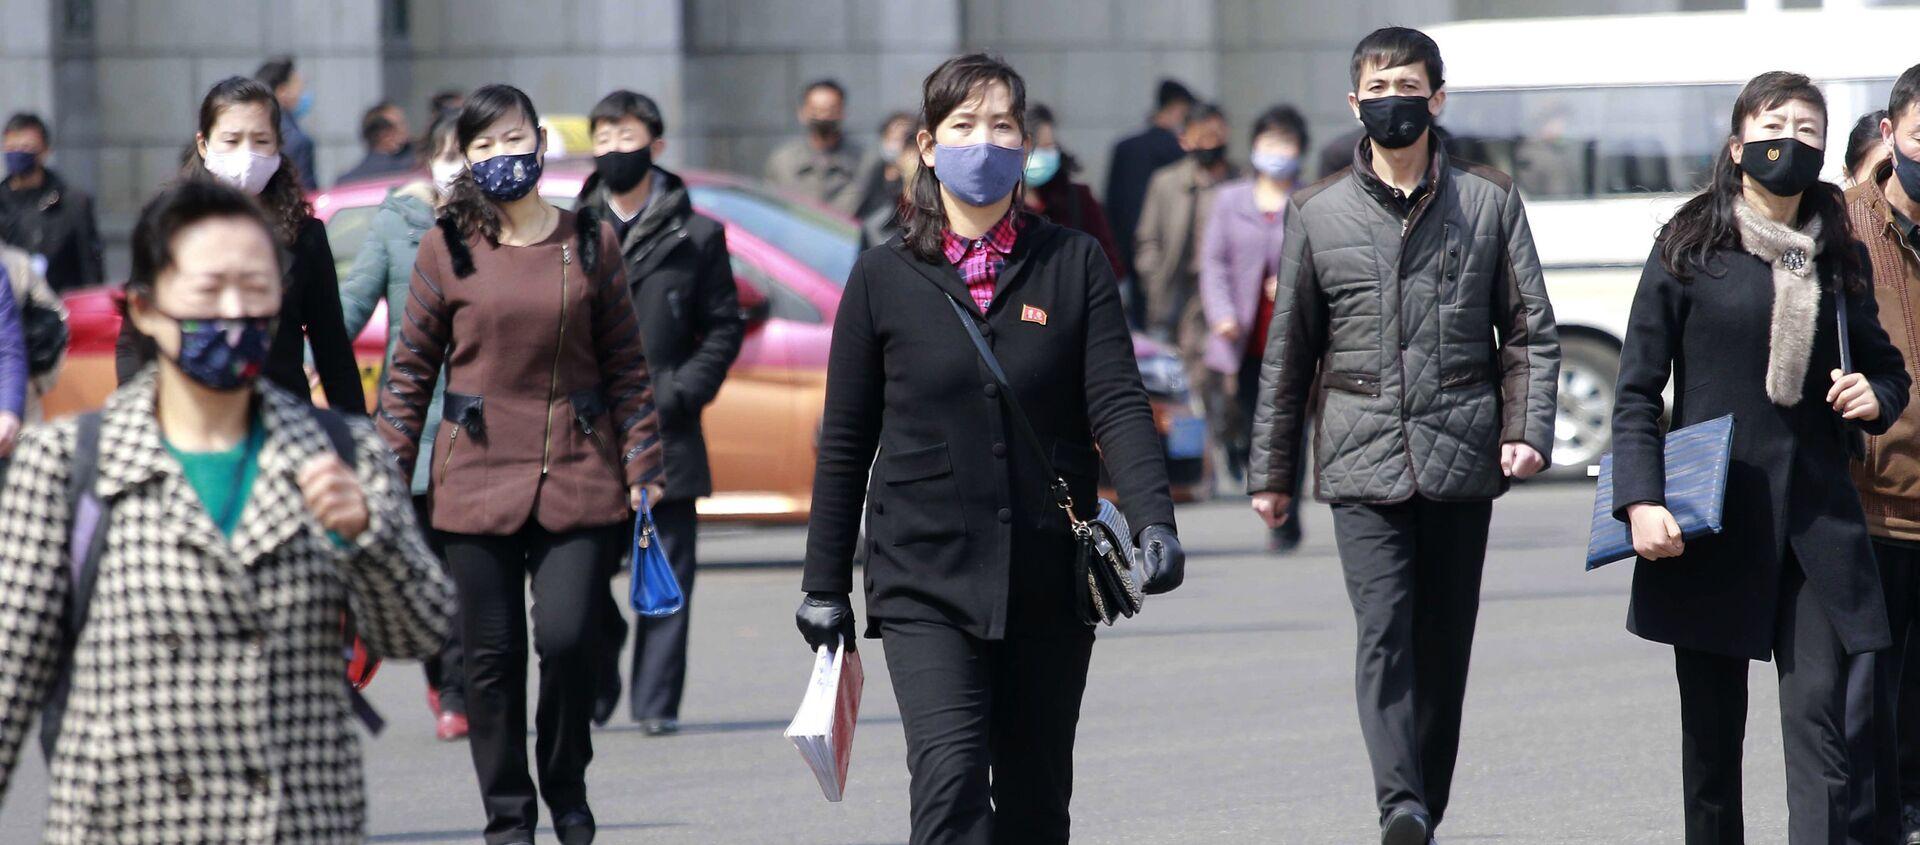 Cómo vive Corea del Norte la pandemia del coronavirus - Sputnik Mundo, 1920, 02.04.2020